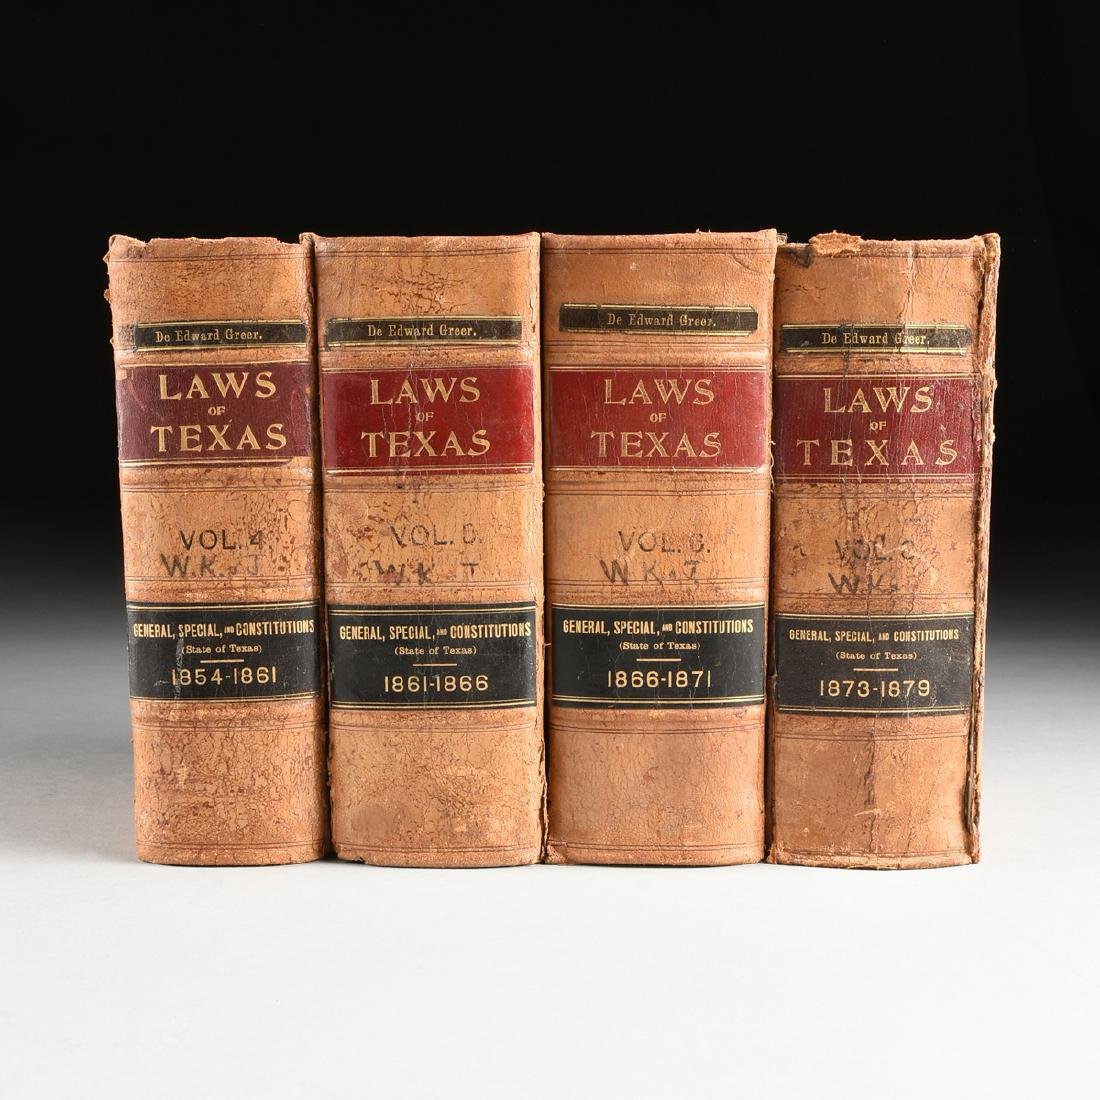 GAMMEL, HANS PETER MAREUS (American 1854-1931) ELEVEN